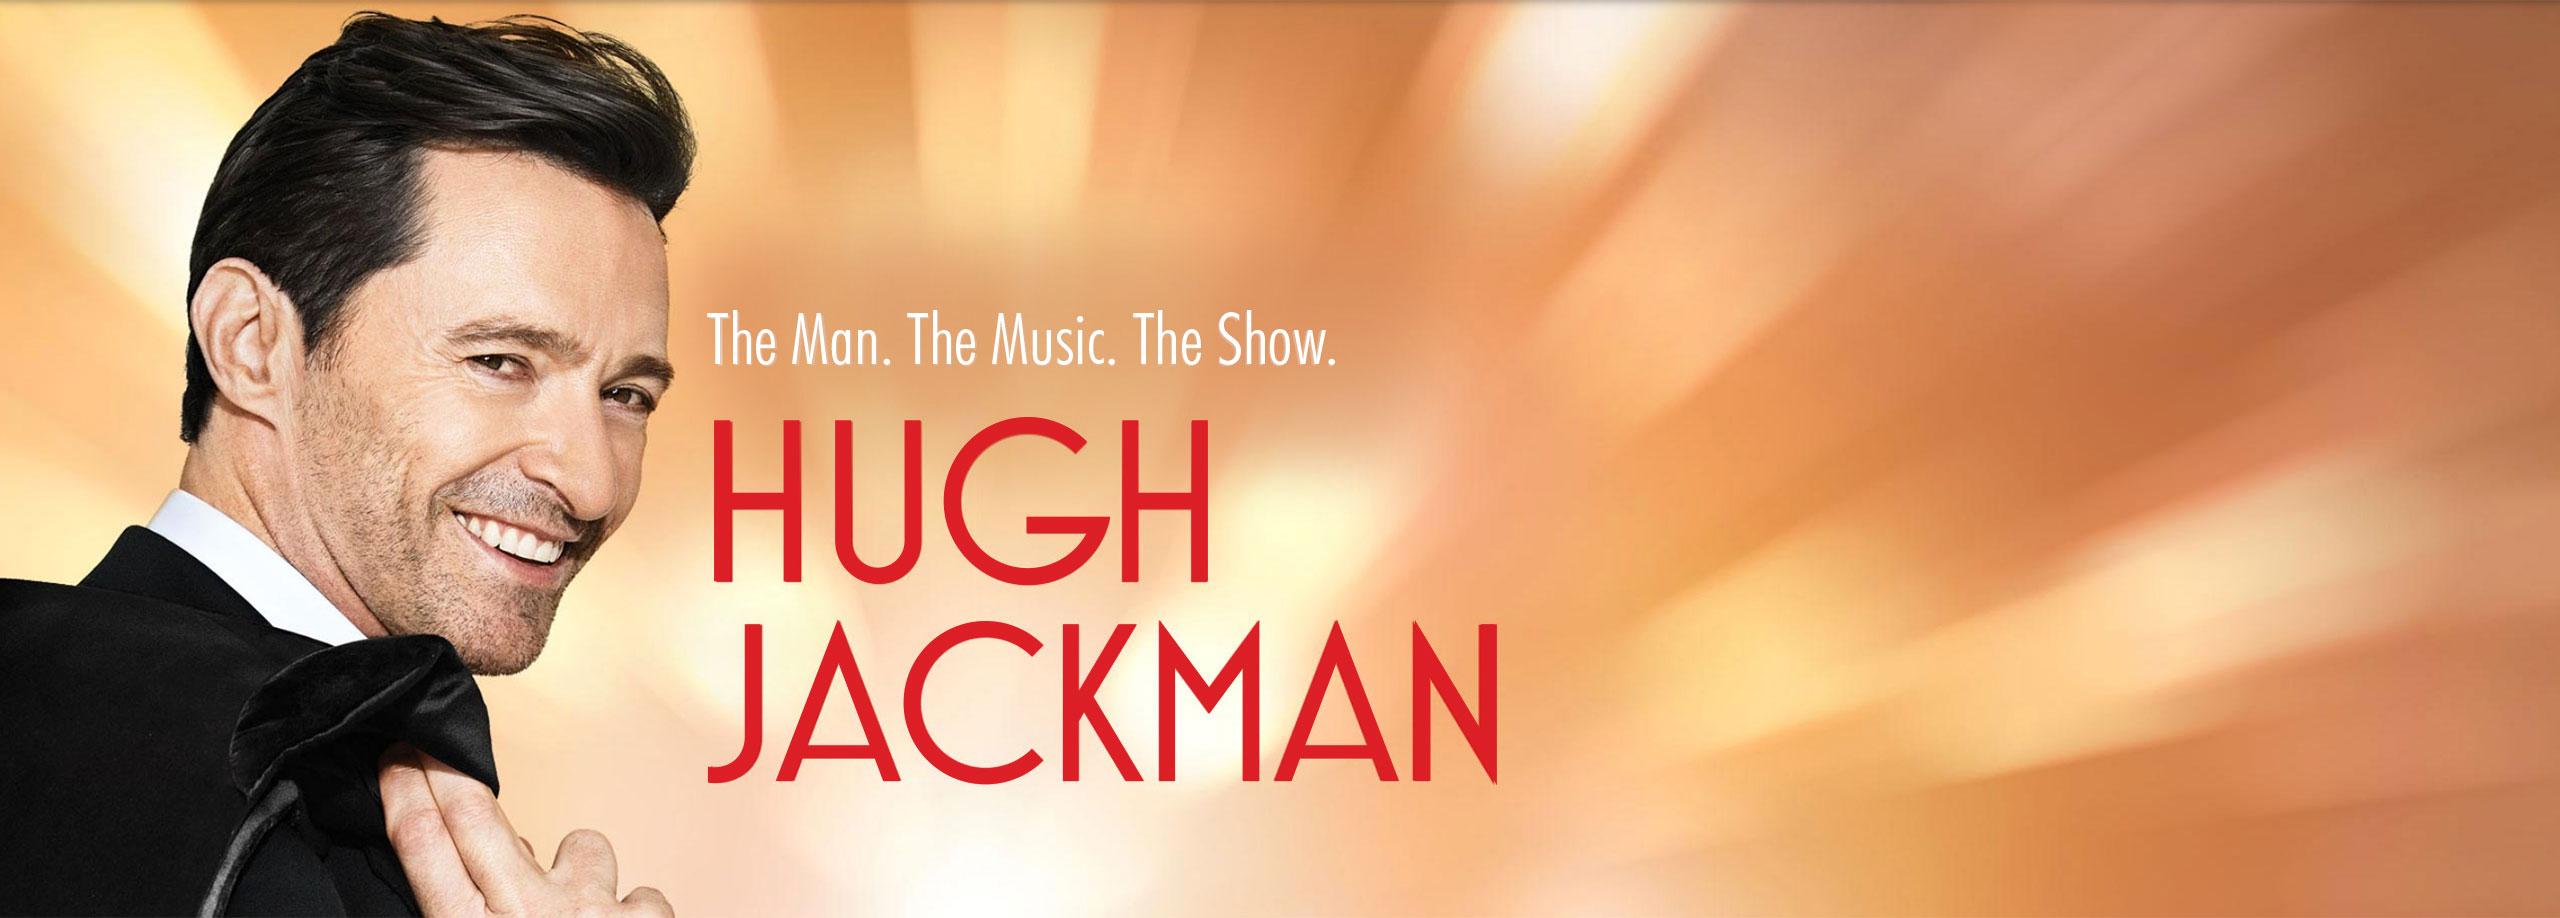 Hugh Jackman the Tour